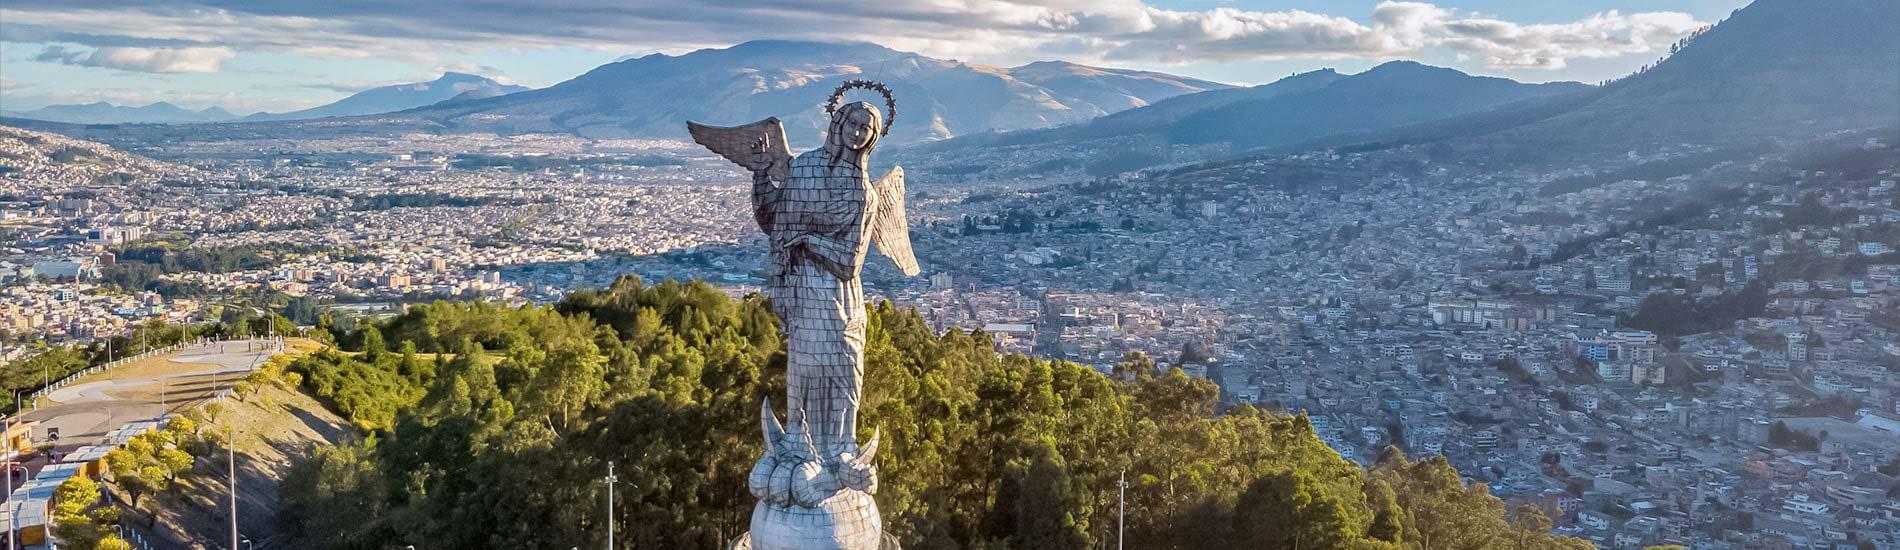 厄瓜多首都 - 基多